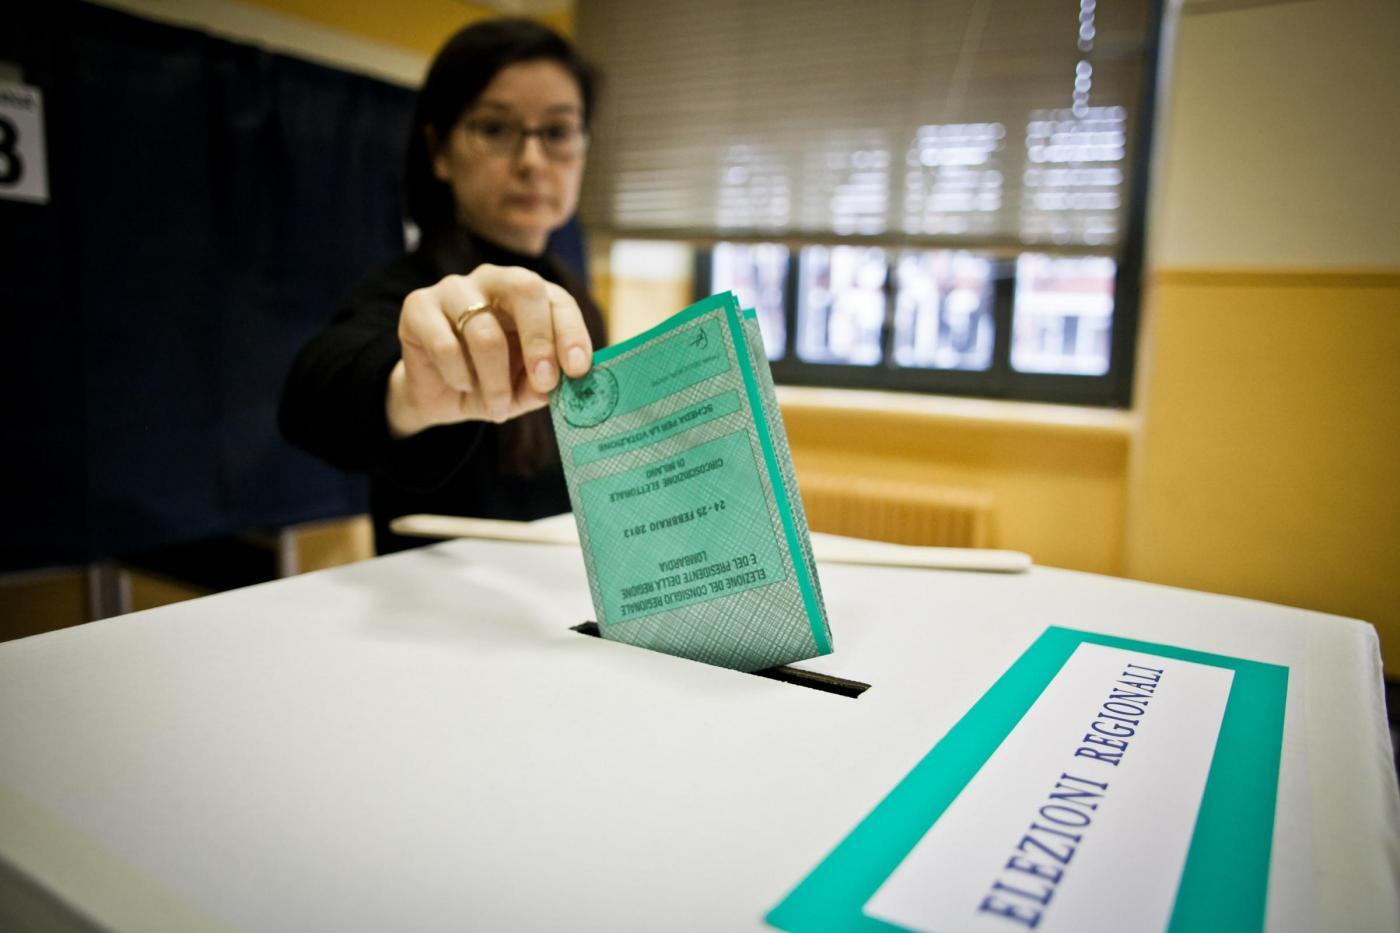 Elezioni 2013, le votazioni